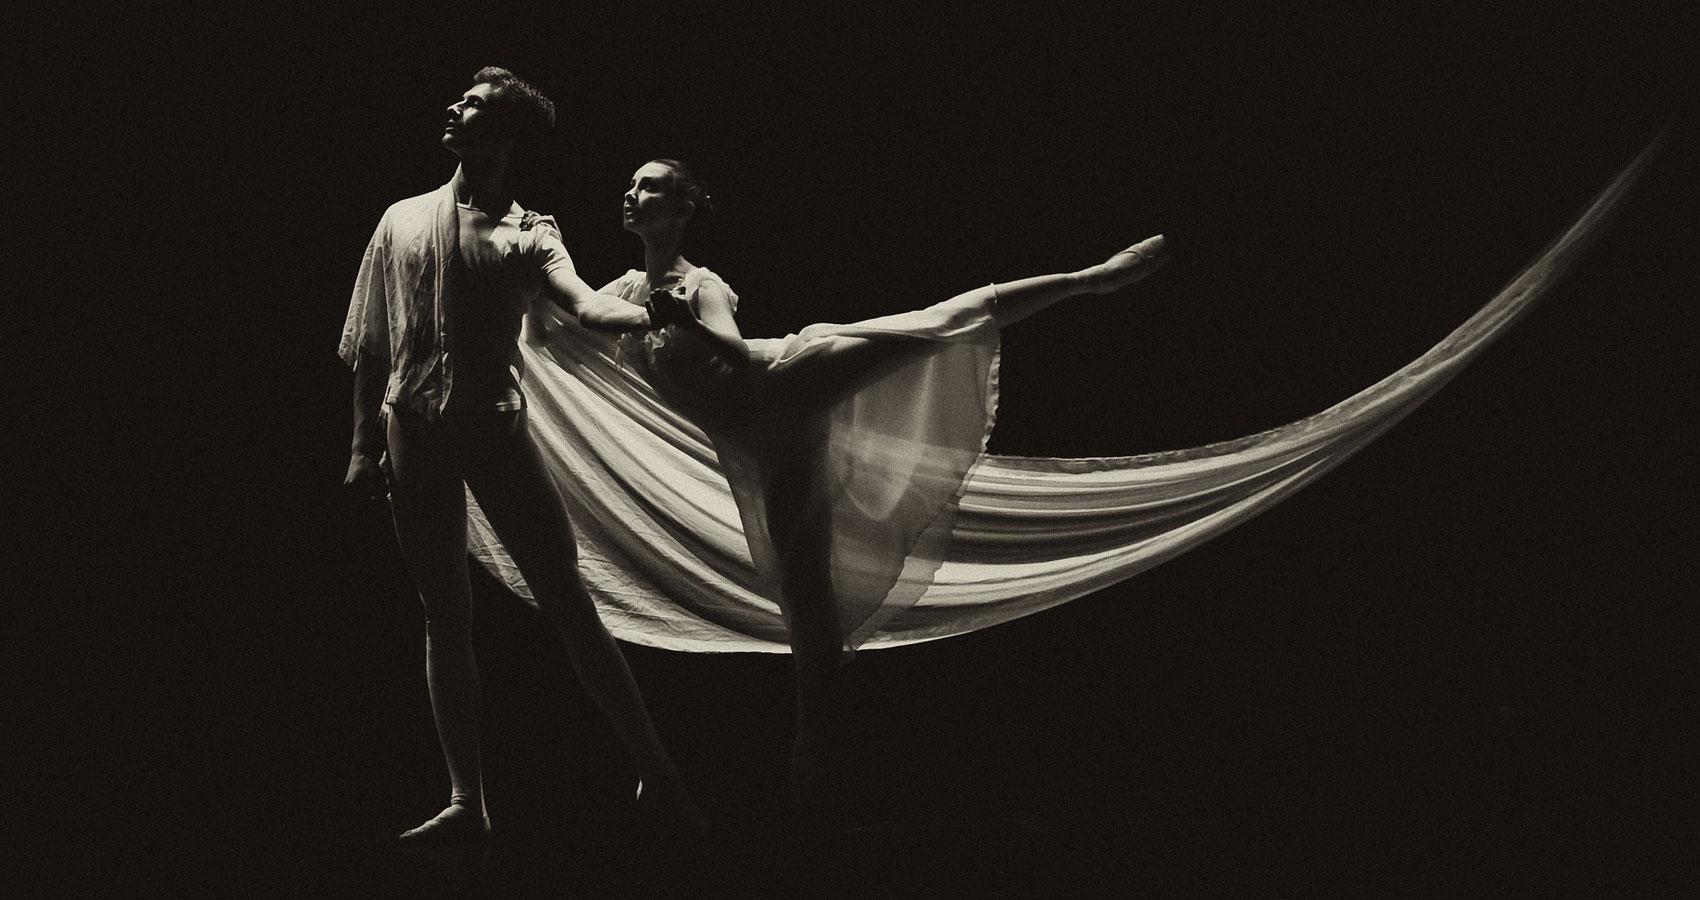 The Last Dance by written H.M. Gautsch at Spillwords.com